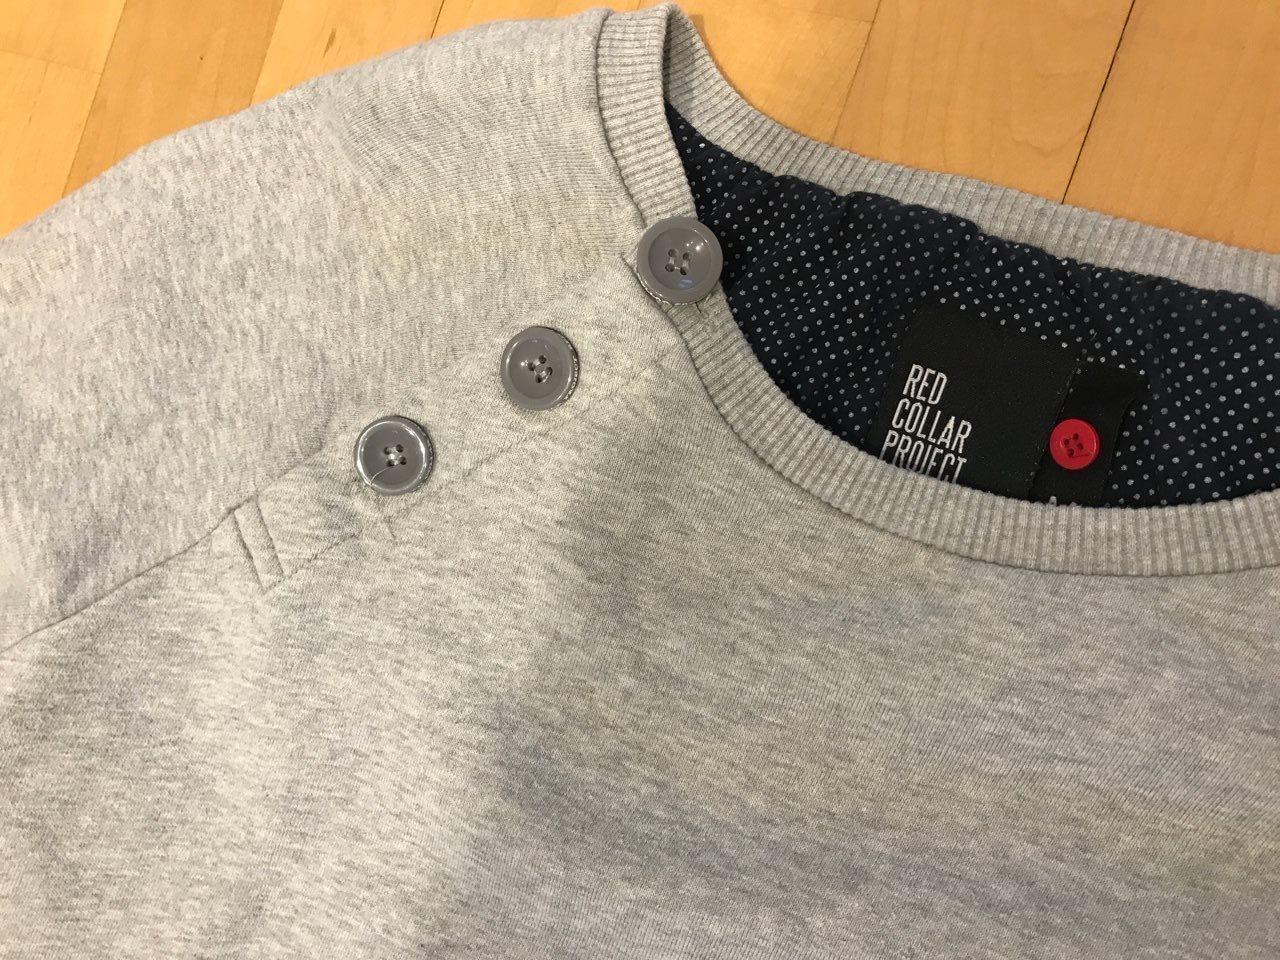 RED Collar project tröja M (324961577) ᐈ Köp på Tradera 90a581ed2b597